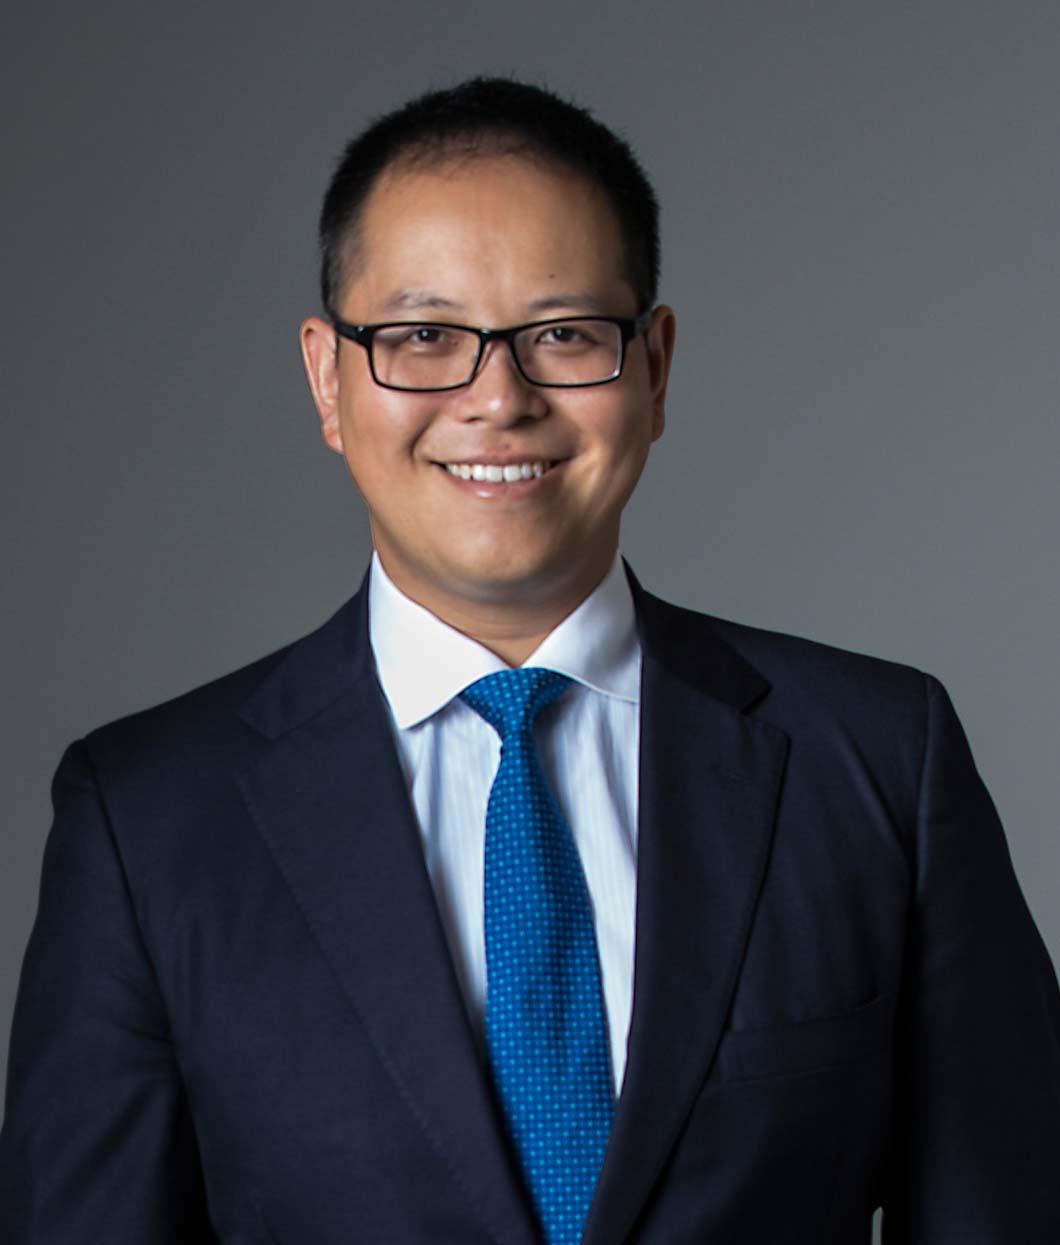 Hilbert Chiu